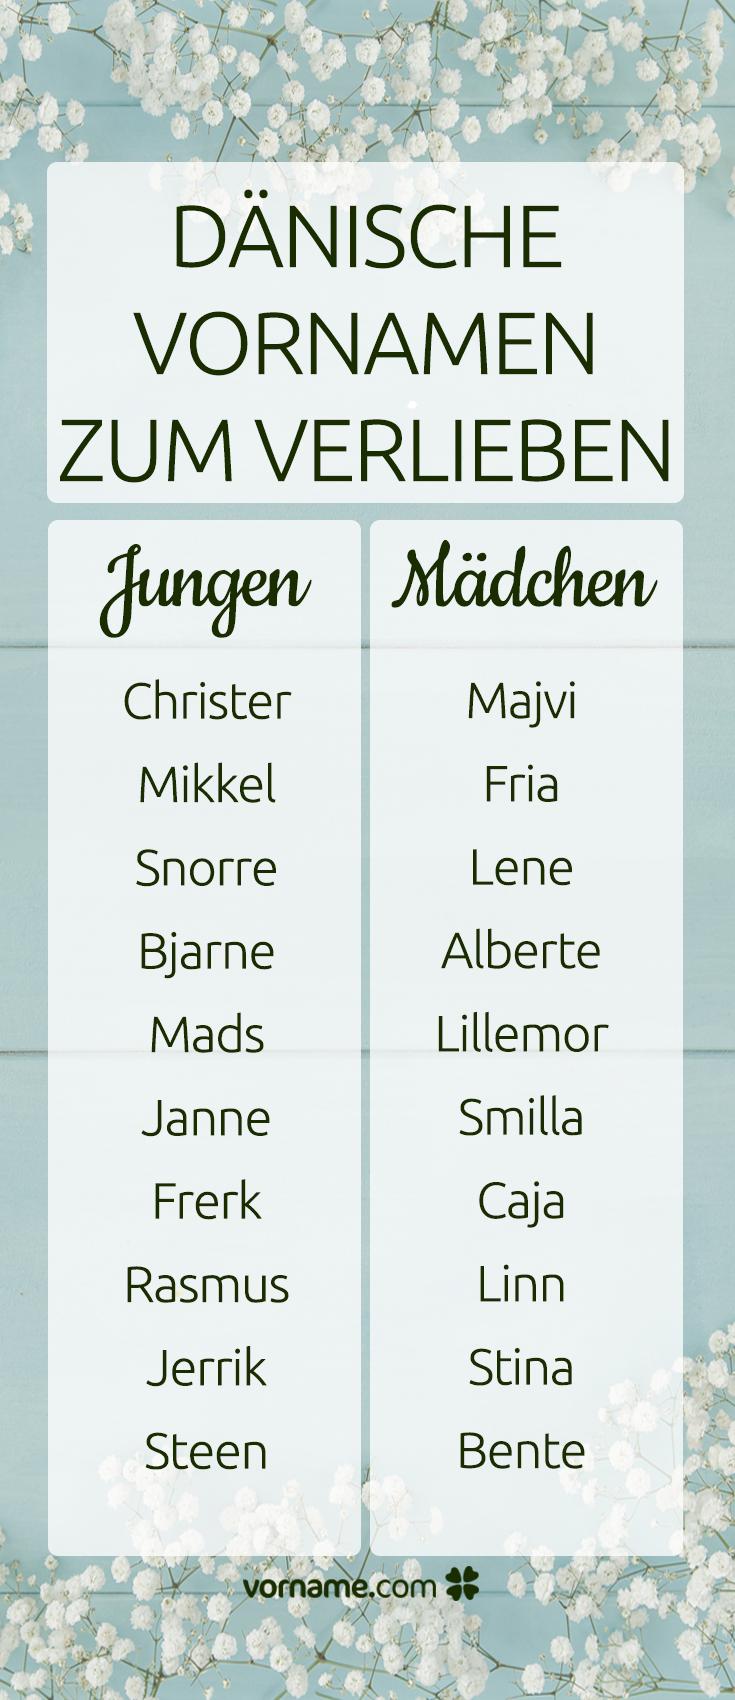 20 dänische Vornamen zum Verlieben | Vornamen für jungen ...  20 dänische Vo...